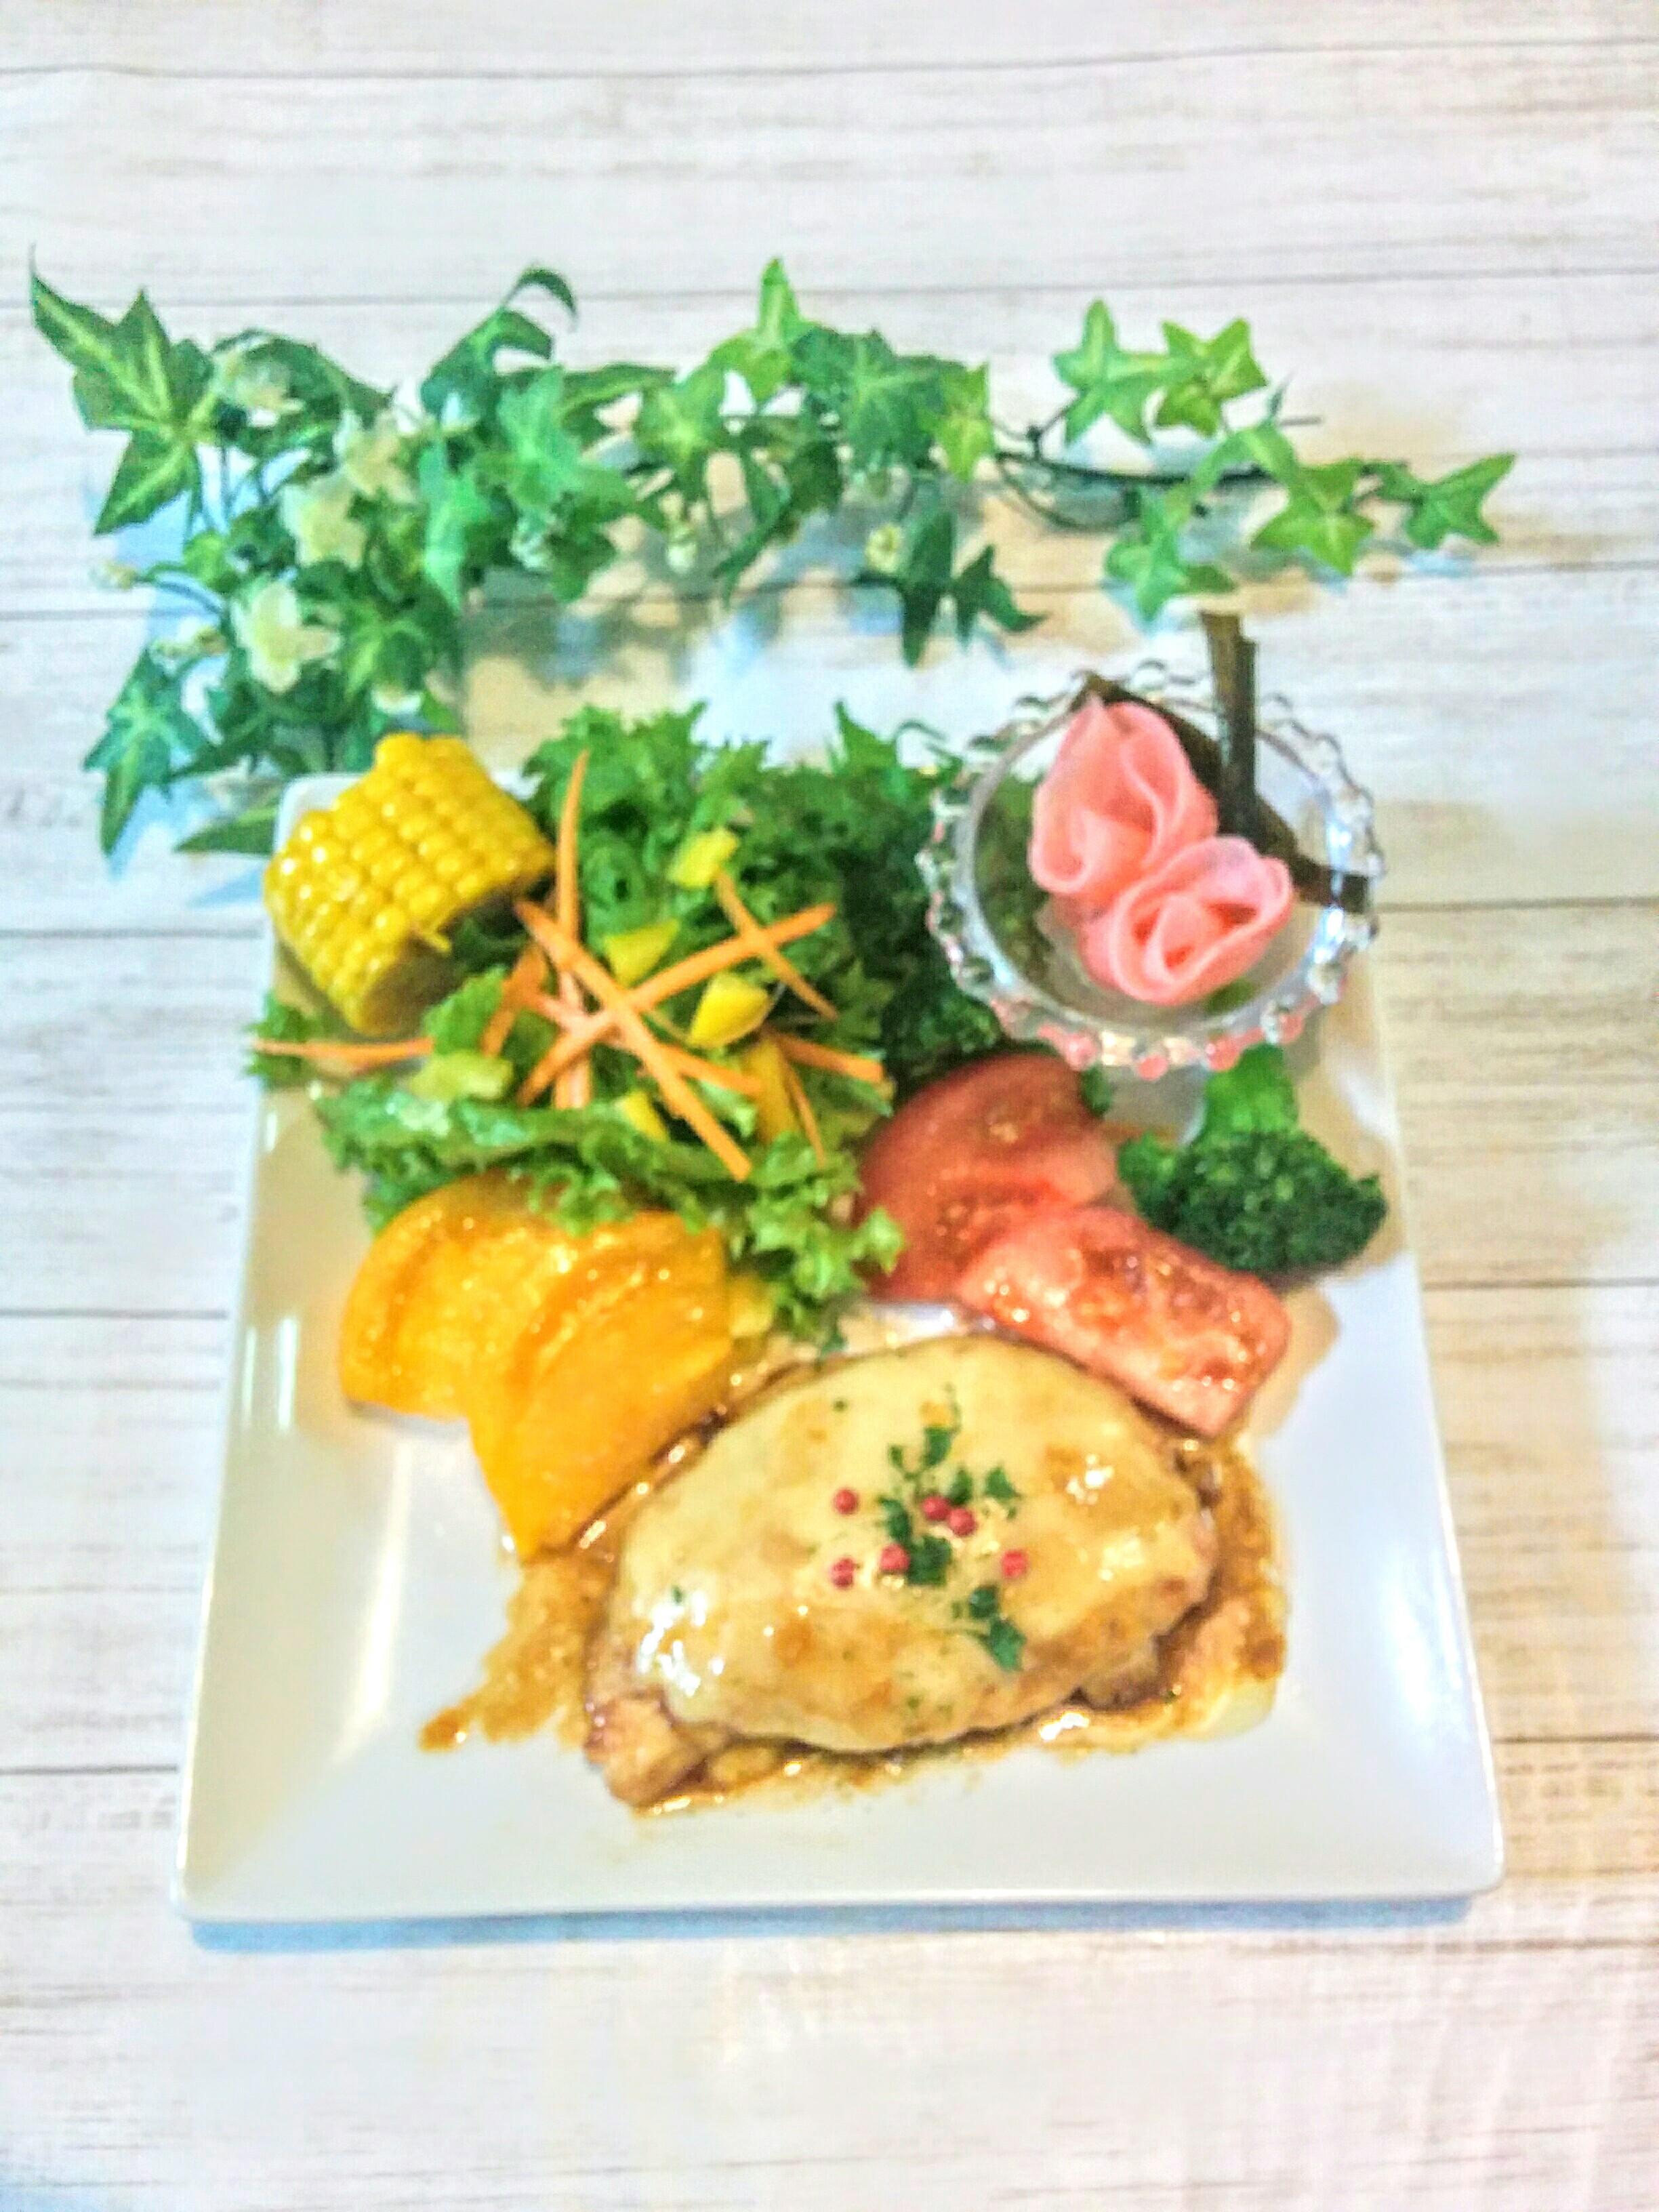 【小樽】お家御飯・柔らか豆腐のトロ~リチーズ鶏ささみ照り焼きグルメ案内です。